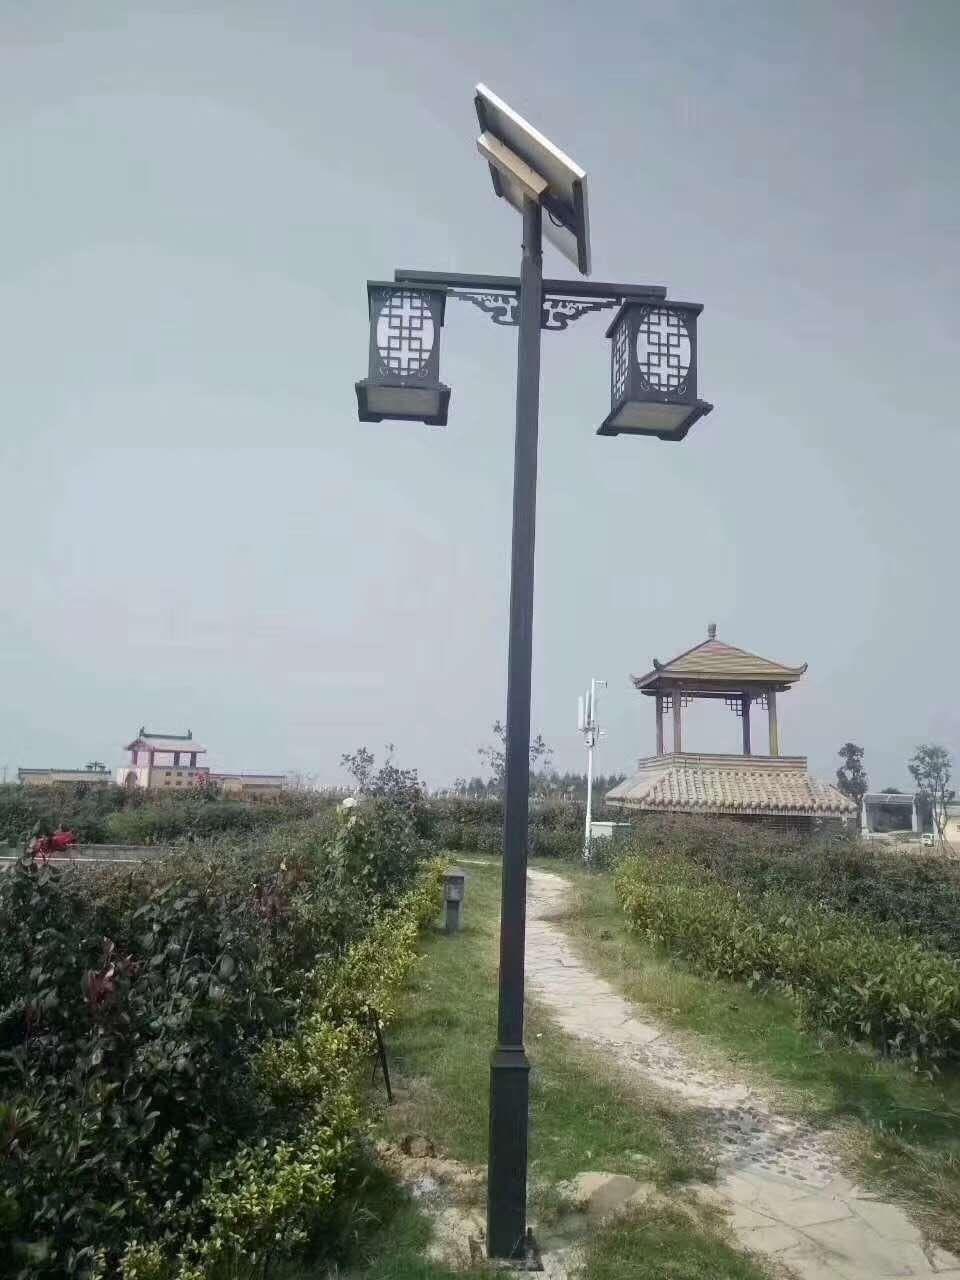 四川景观灯厂家为您介绍关于太阳能景观灯的优势